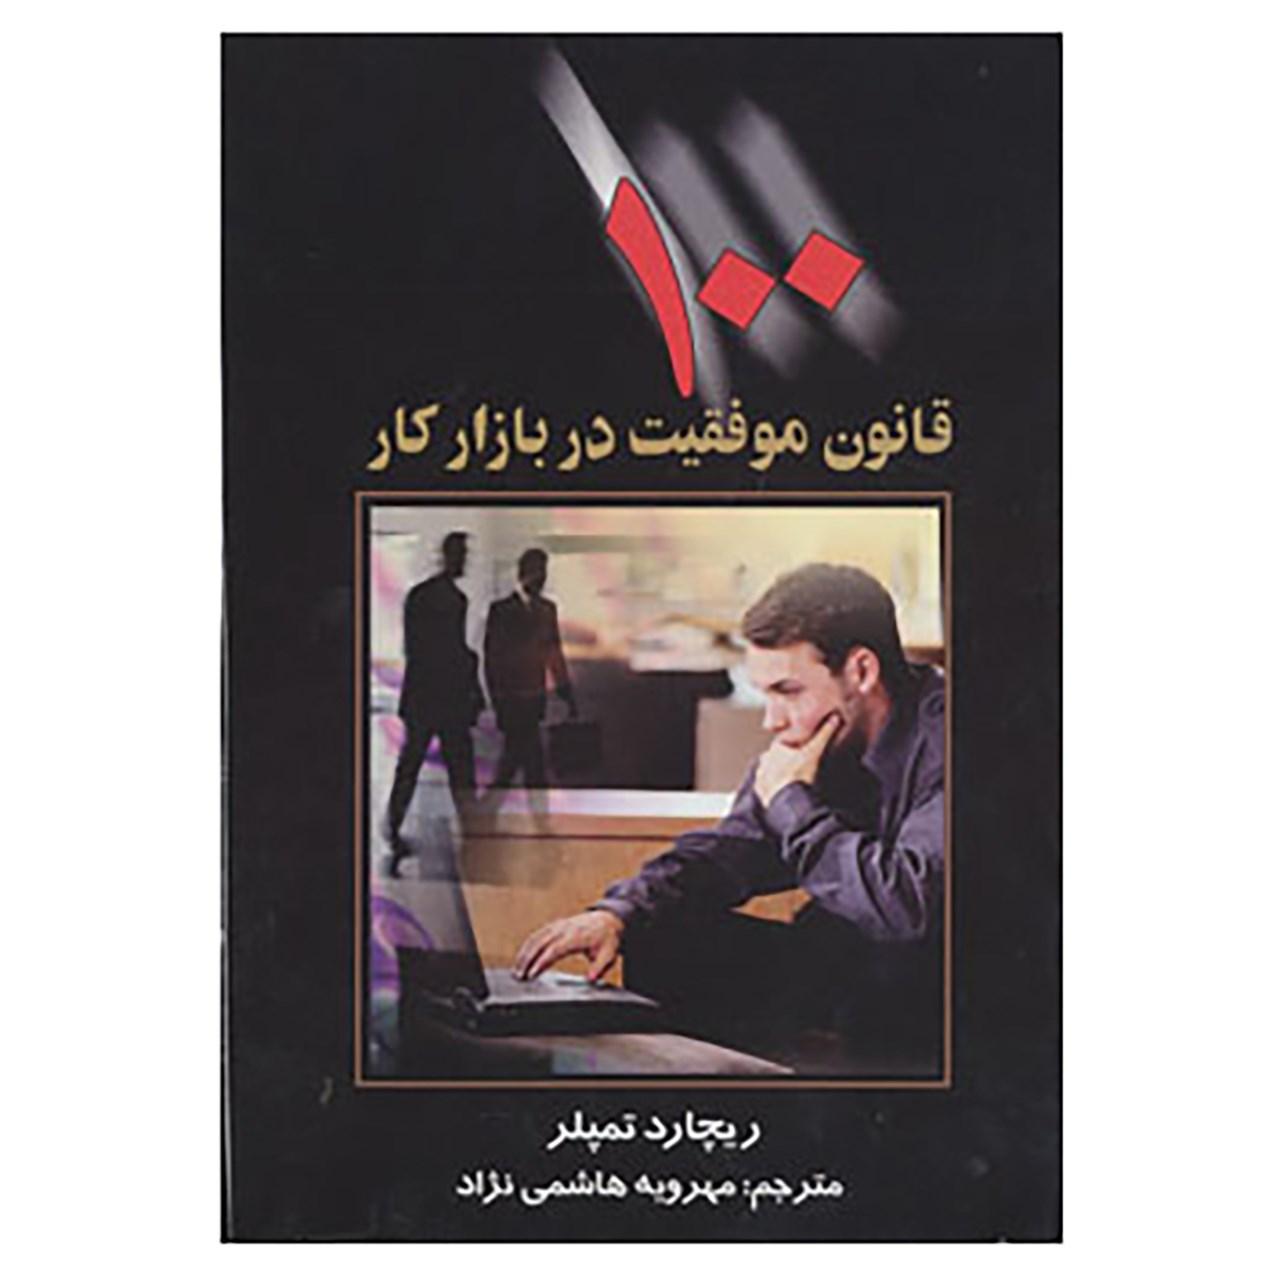 کتاب 100 قانون موفقیت در بازار کار اثر ریچارد تمپلر